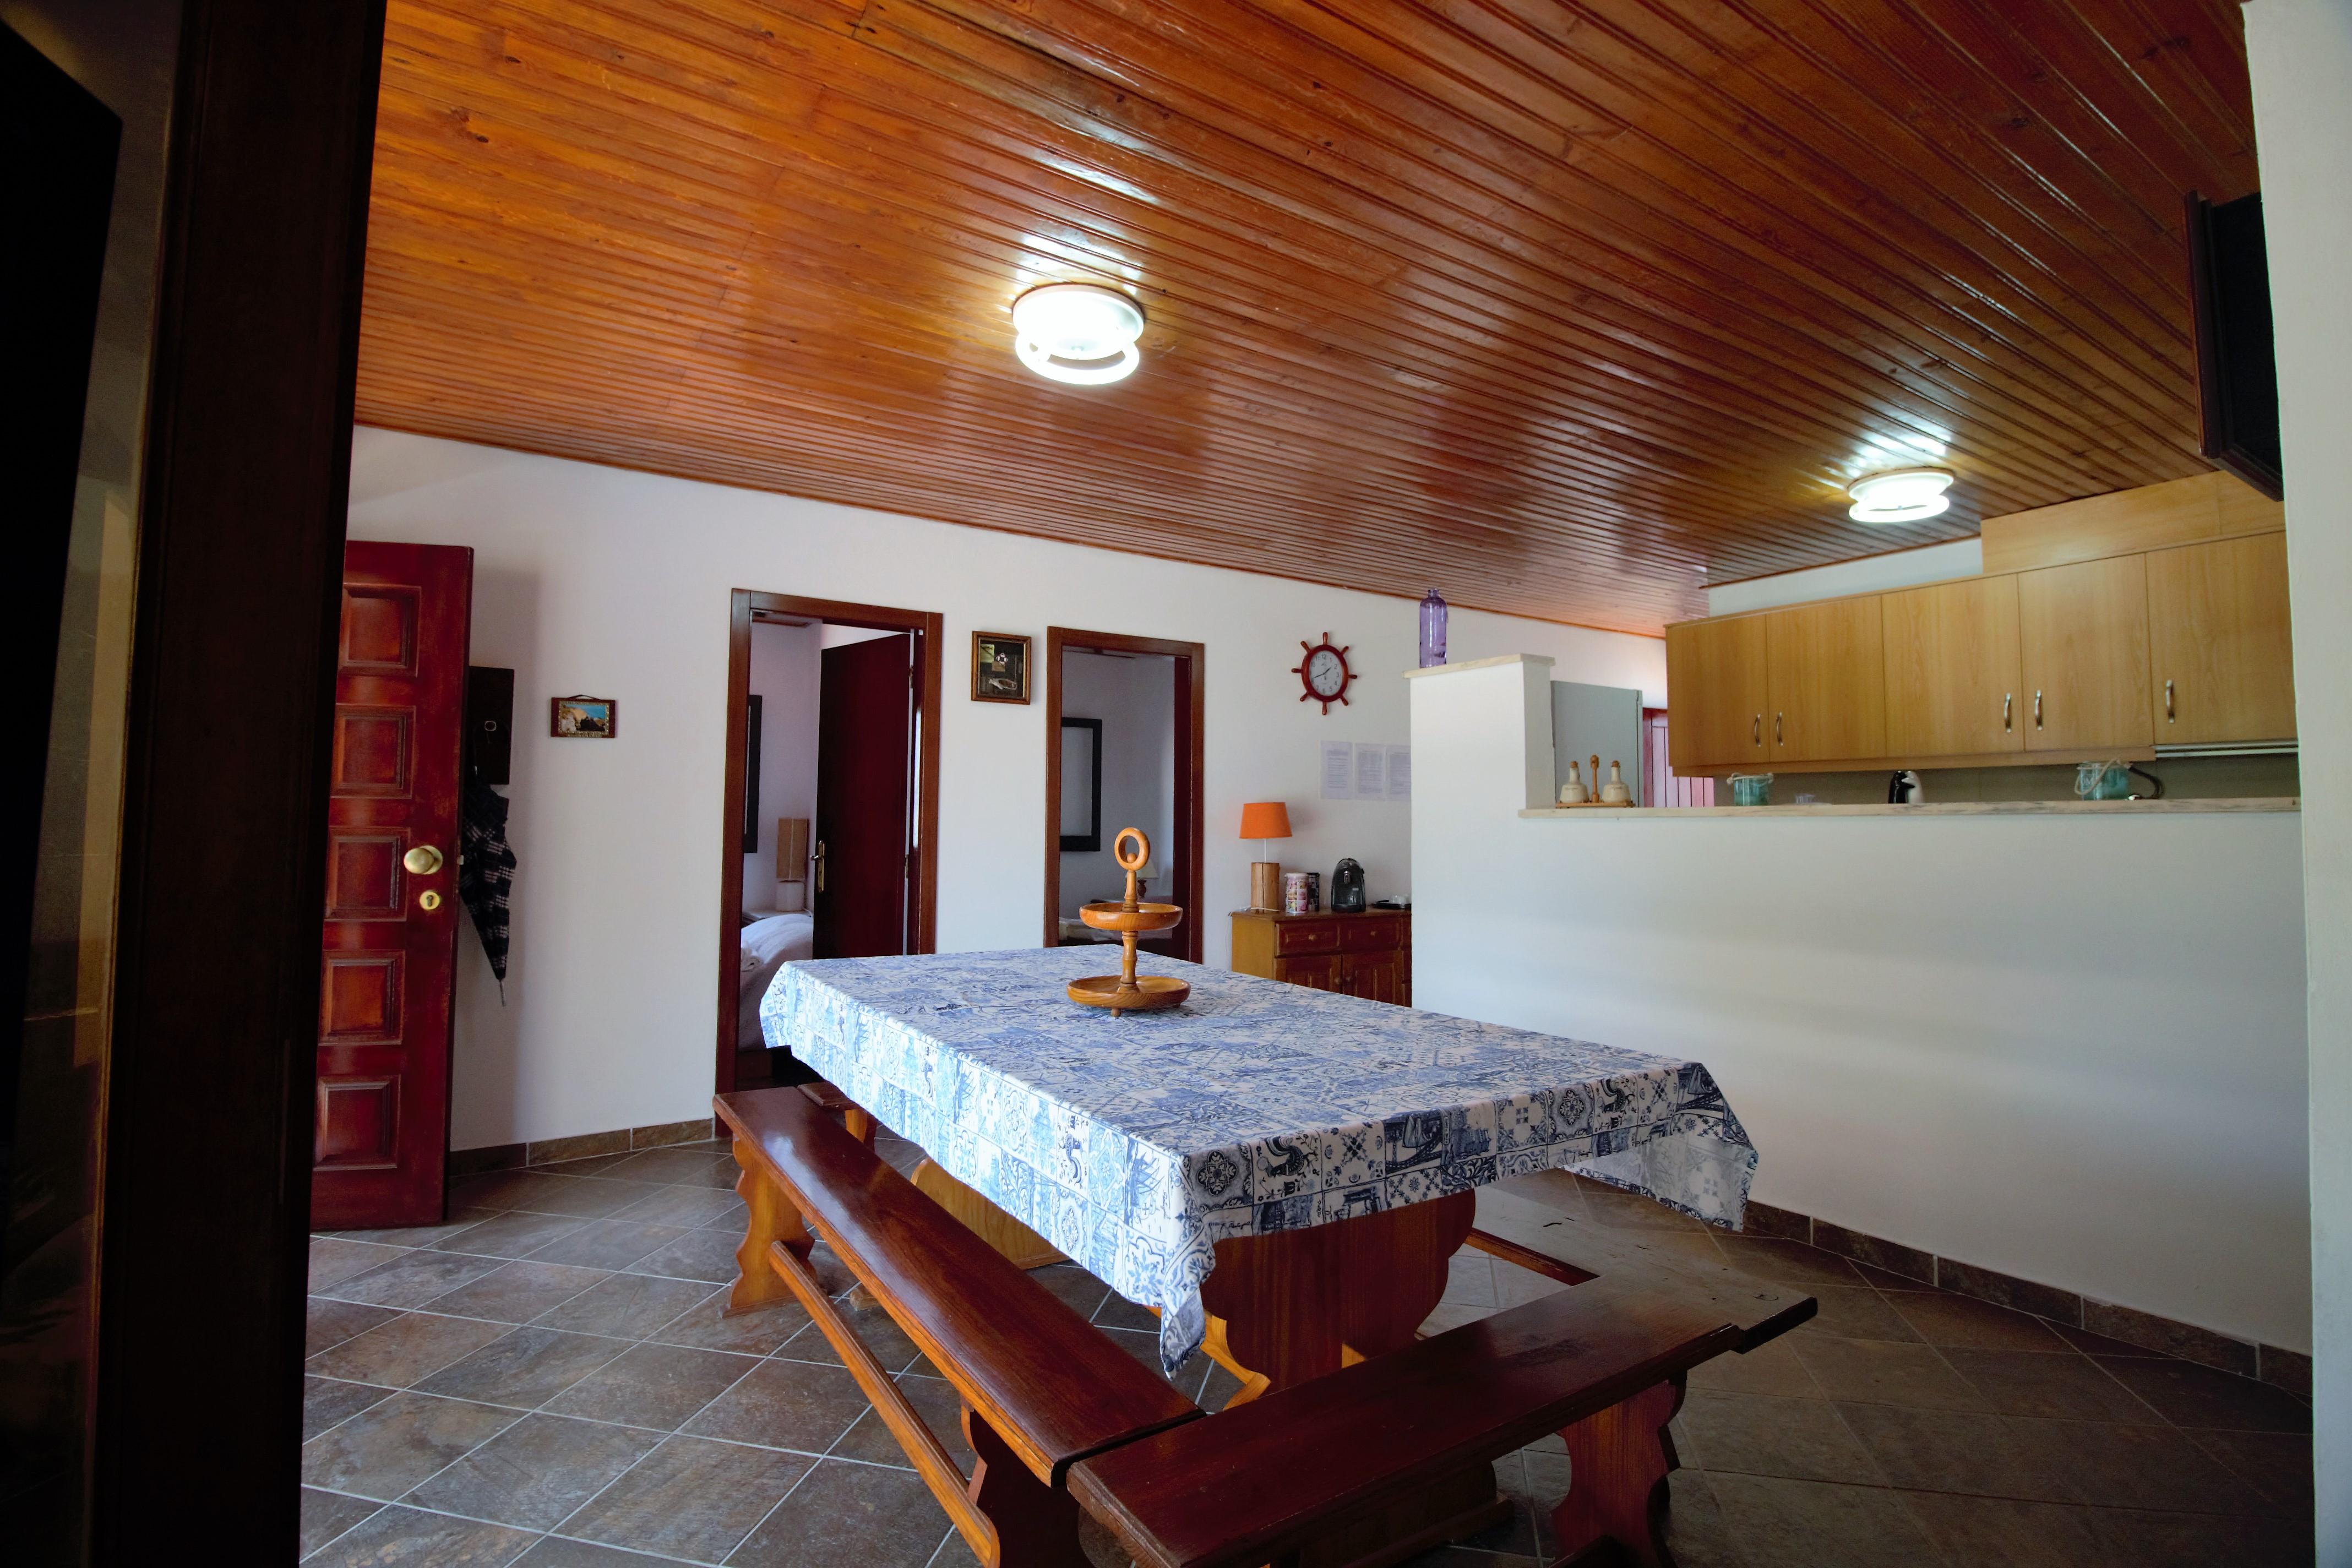 Holiday apartments and villas for rent, Moradia no Algarve com vista mar 10 mint da praia (a pé) in Olhão, Portugal Algarve, REF_IMG_6691_6700